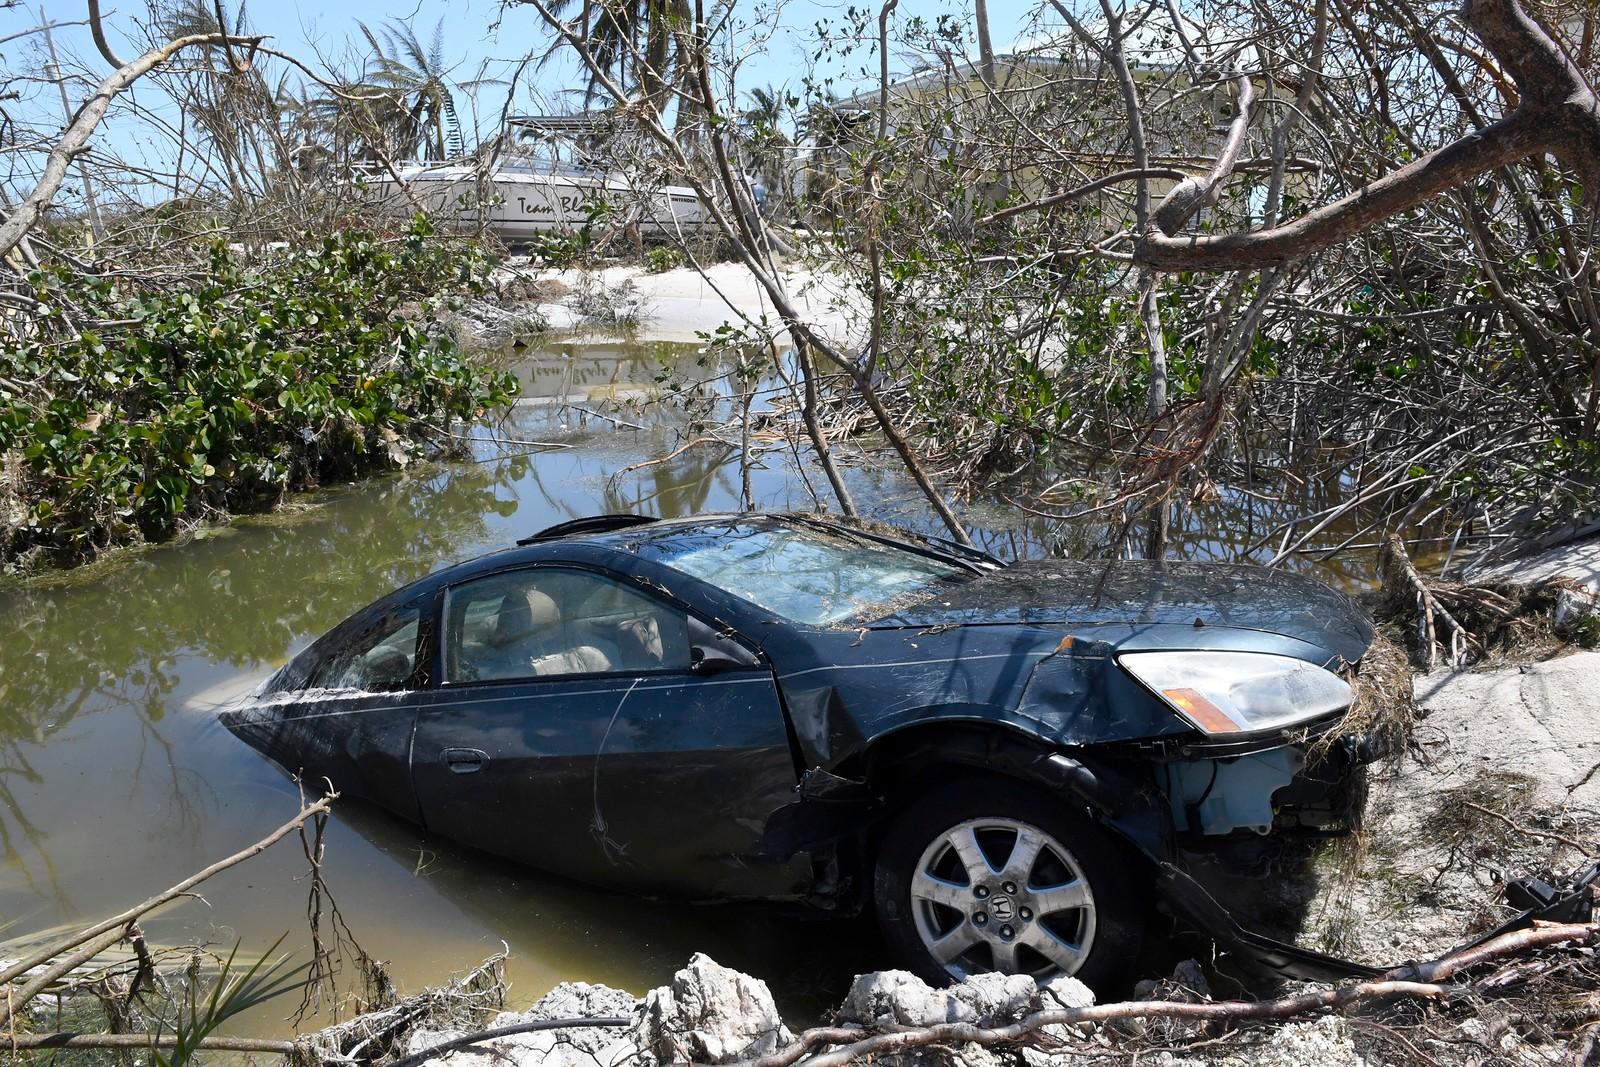 En bil som sitter fast etter Irmas herjinger og stormflo.